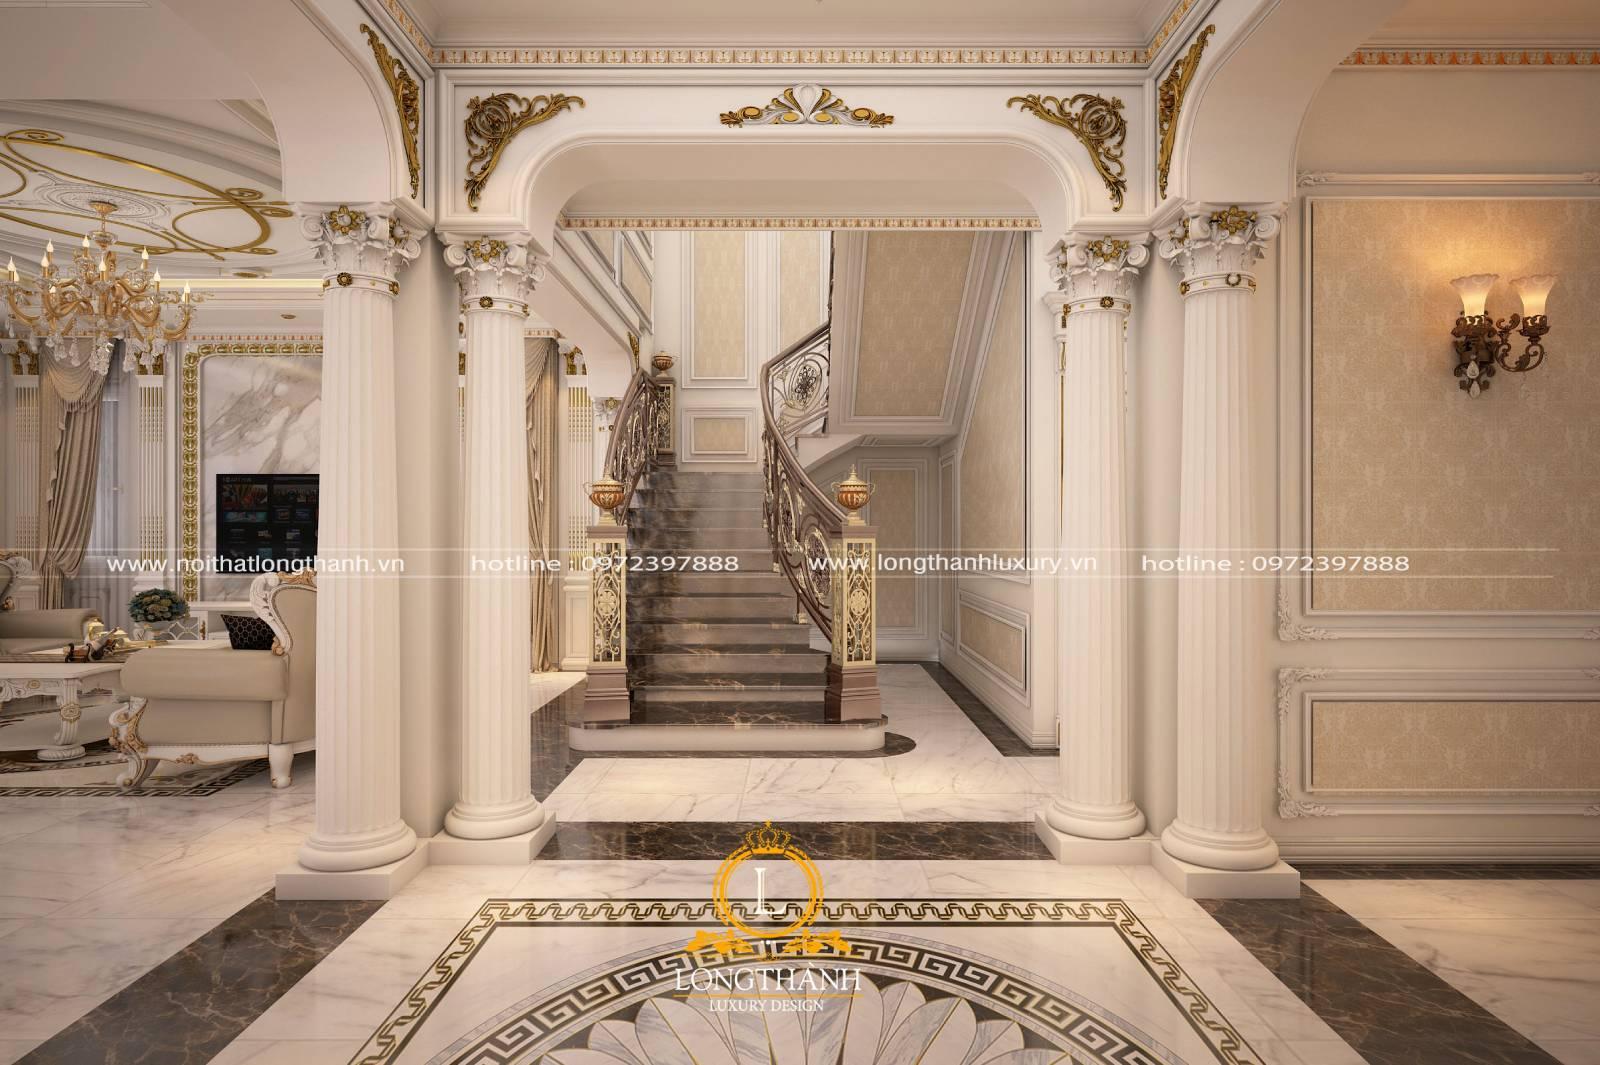 Trang trí cầu thang phòng khách đẹp bằng tủ và kệ SIÊU tiện lợi